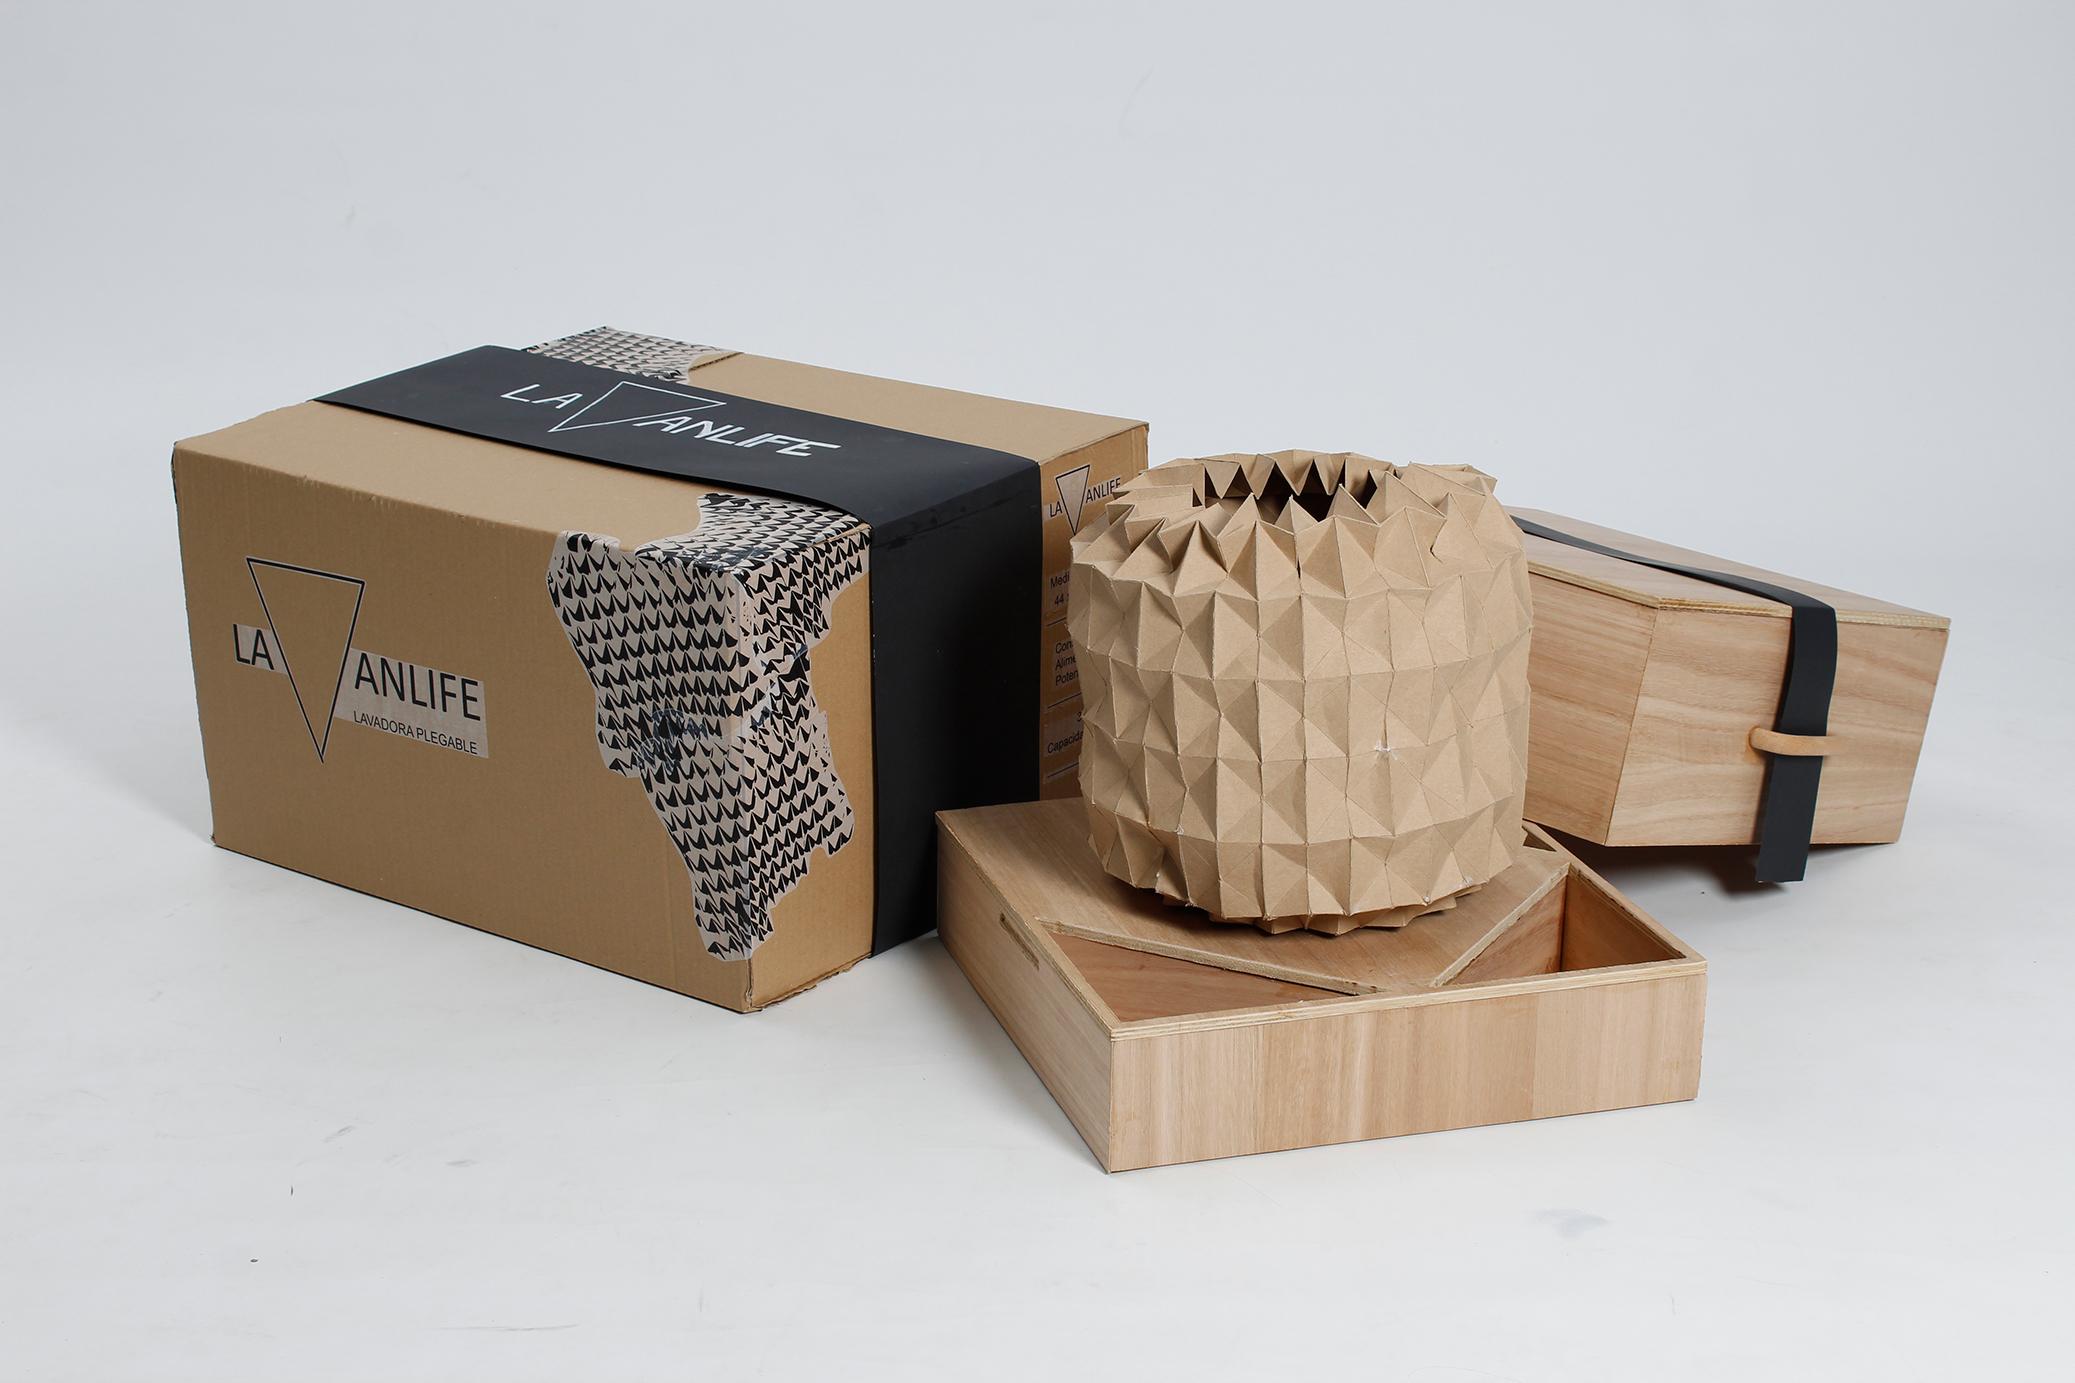 LAVANLIFE by Tamara Palacios Rodríguez y Sarai Pinillos Martínez - Creative Work - $i